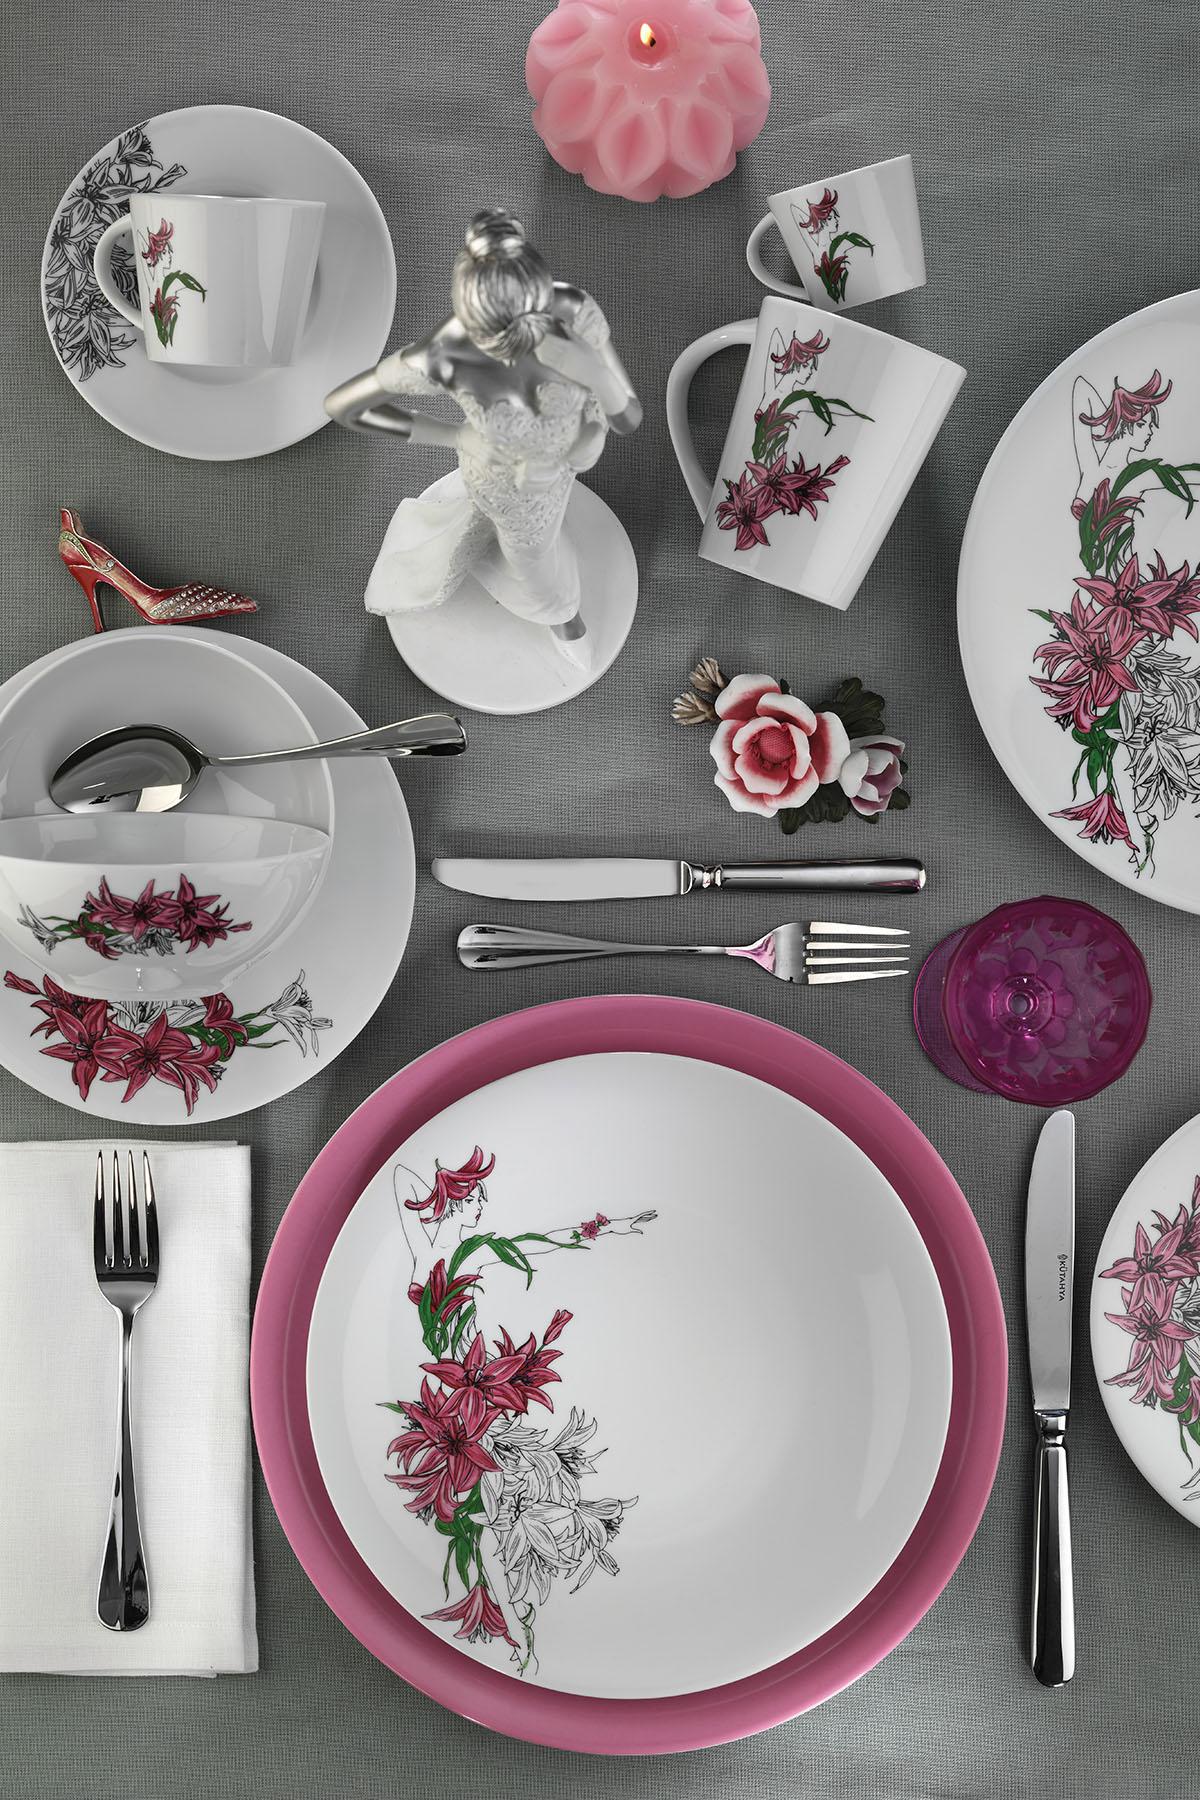 Kütahya Porselen - Kütahya Porselen Kadınlarım Serisi 9441 Desen 24 Parça Yemek Seti